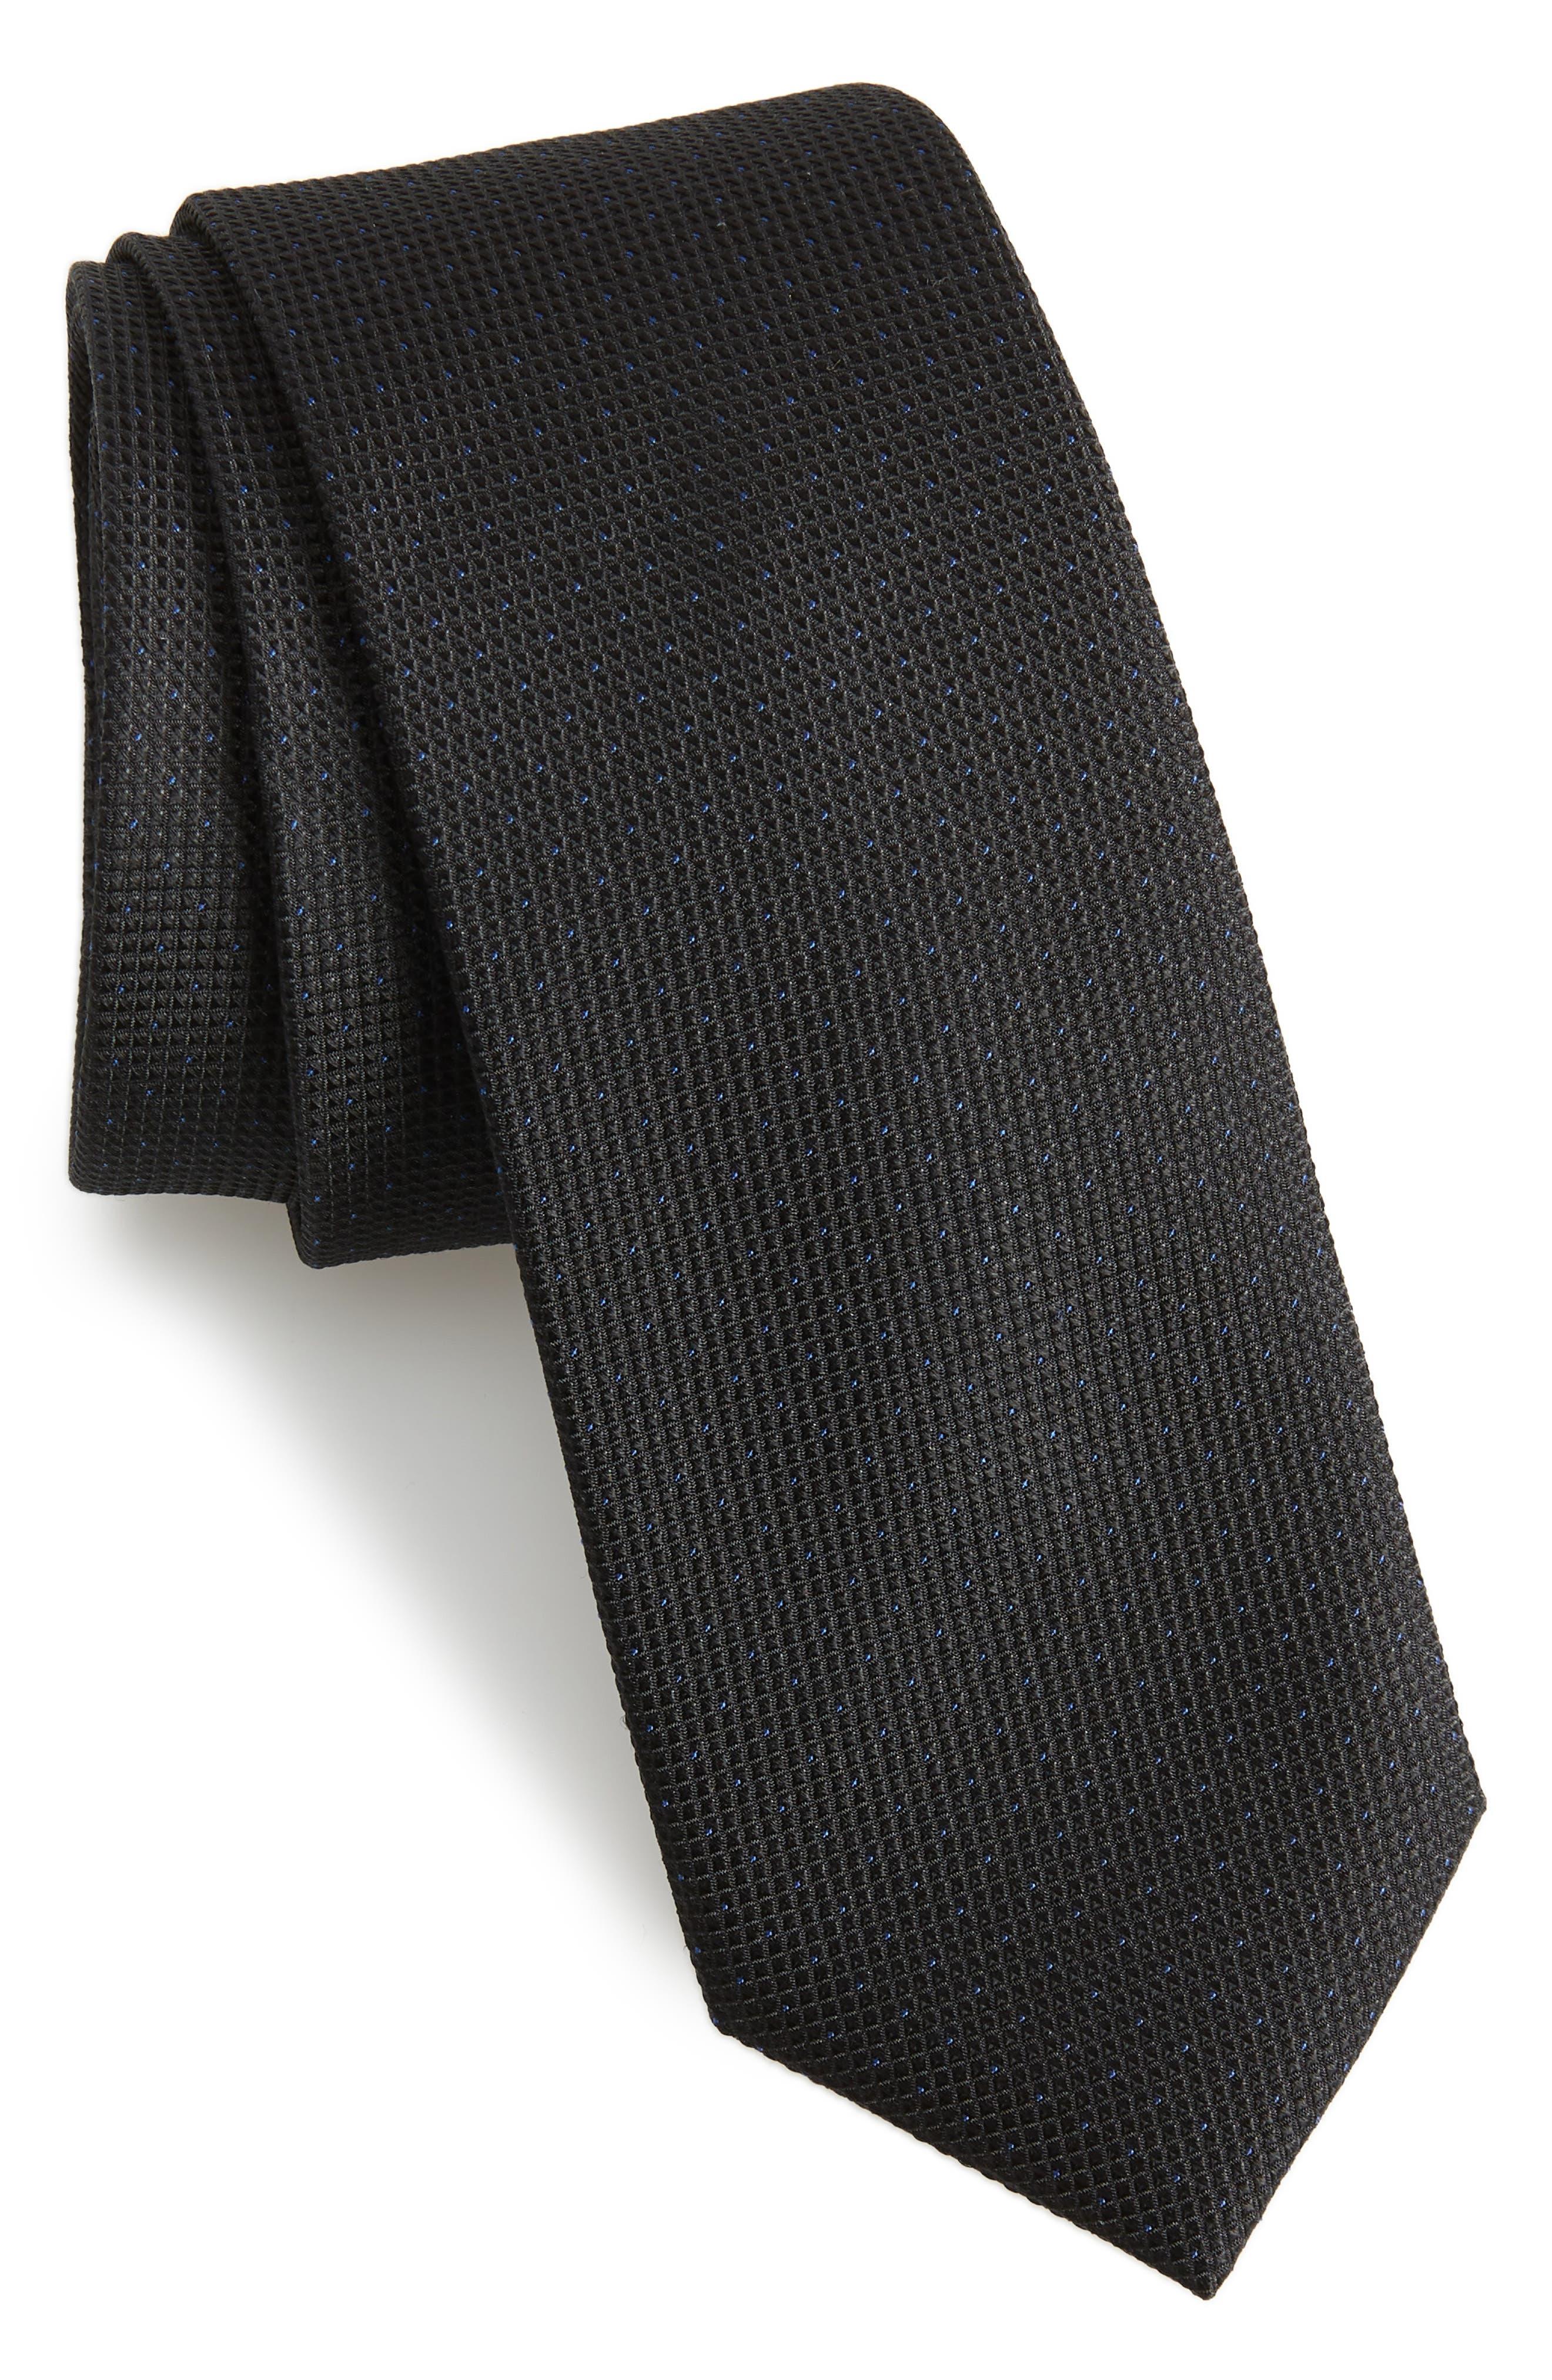 Chauncey Mini Silk Tie,                             Main thumbnail 1, color,                             001